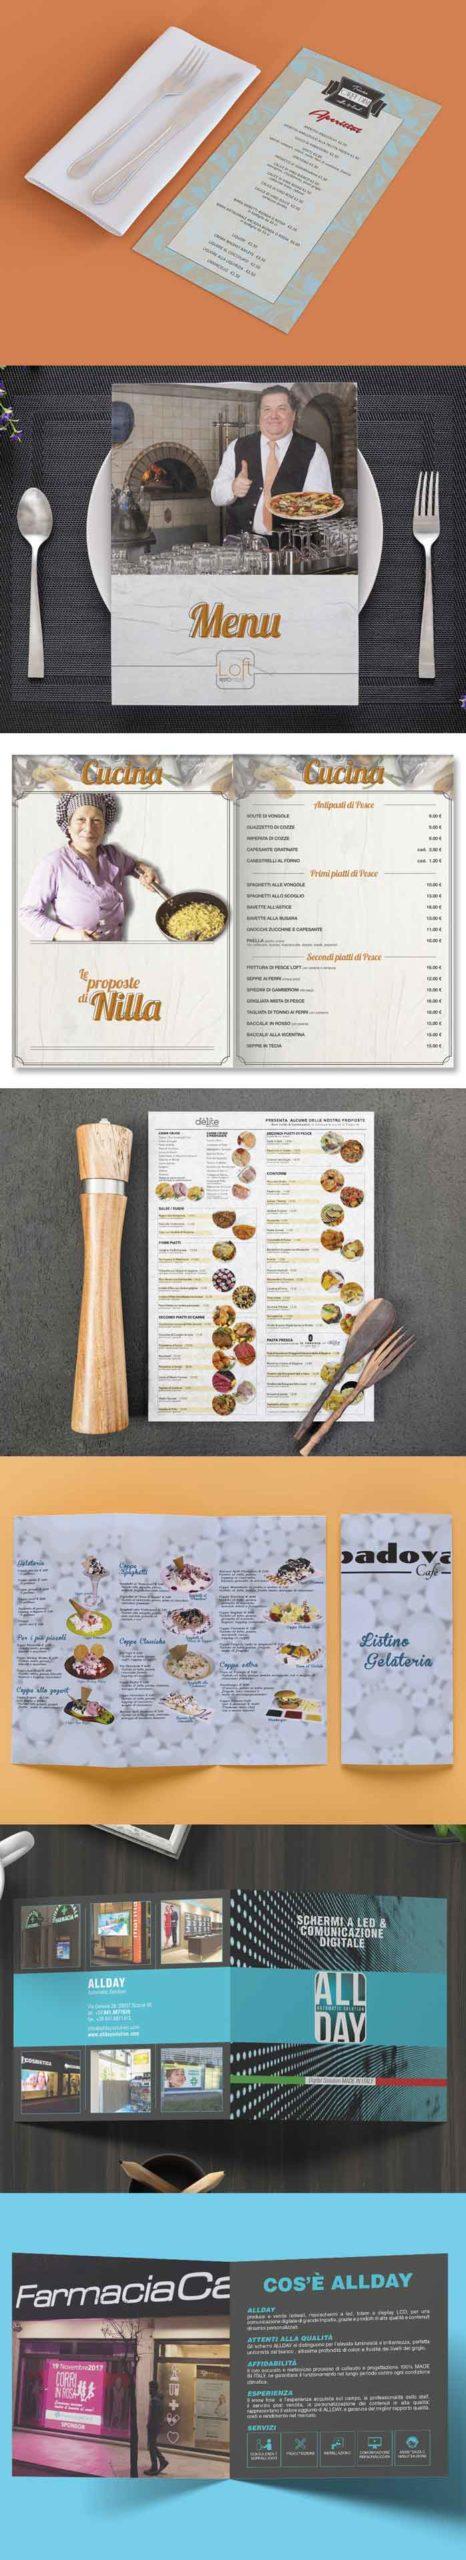 grafica menu ristorante grafiche bar pizzeria treviso